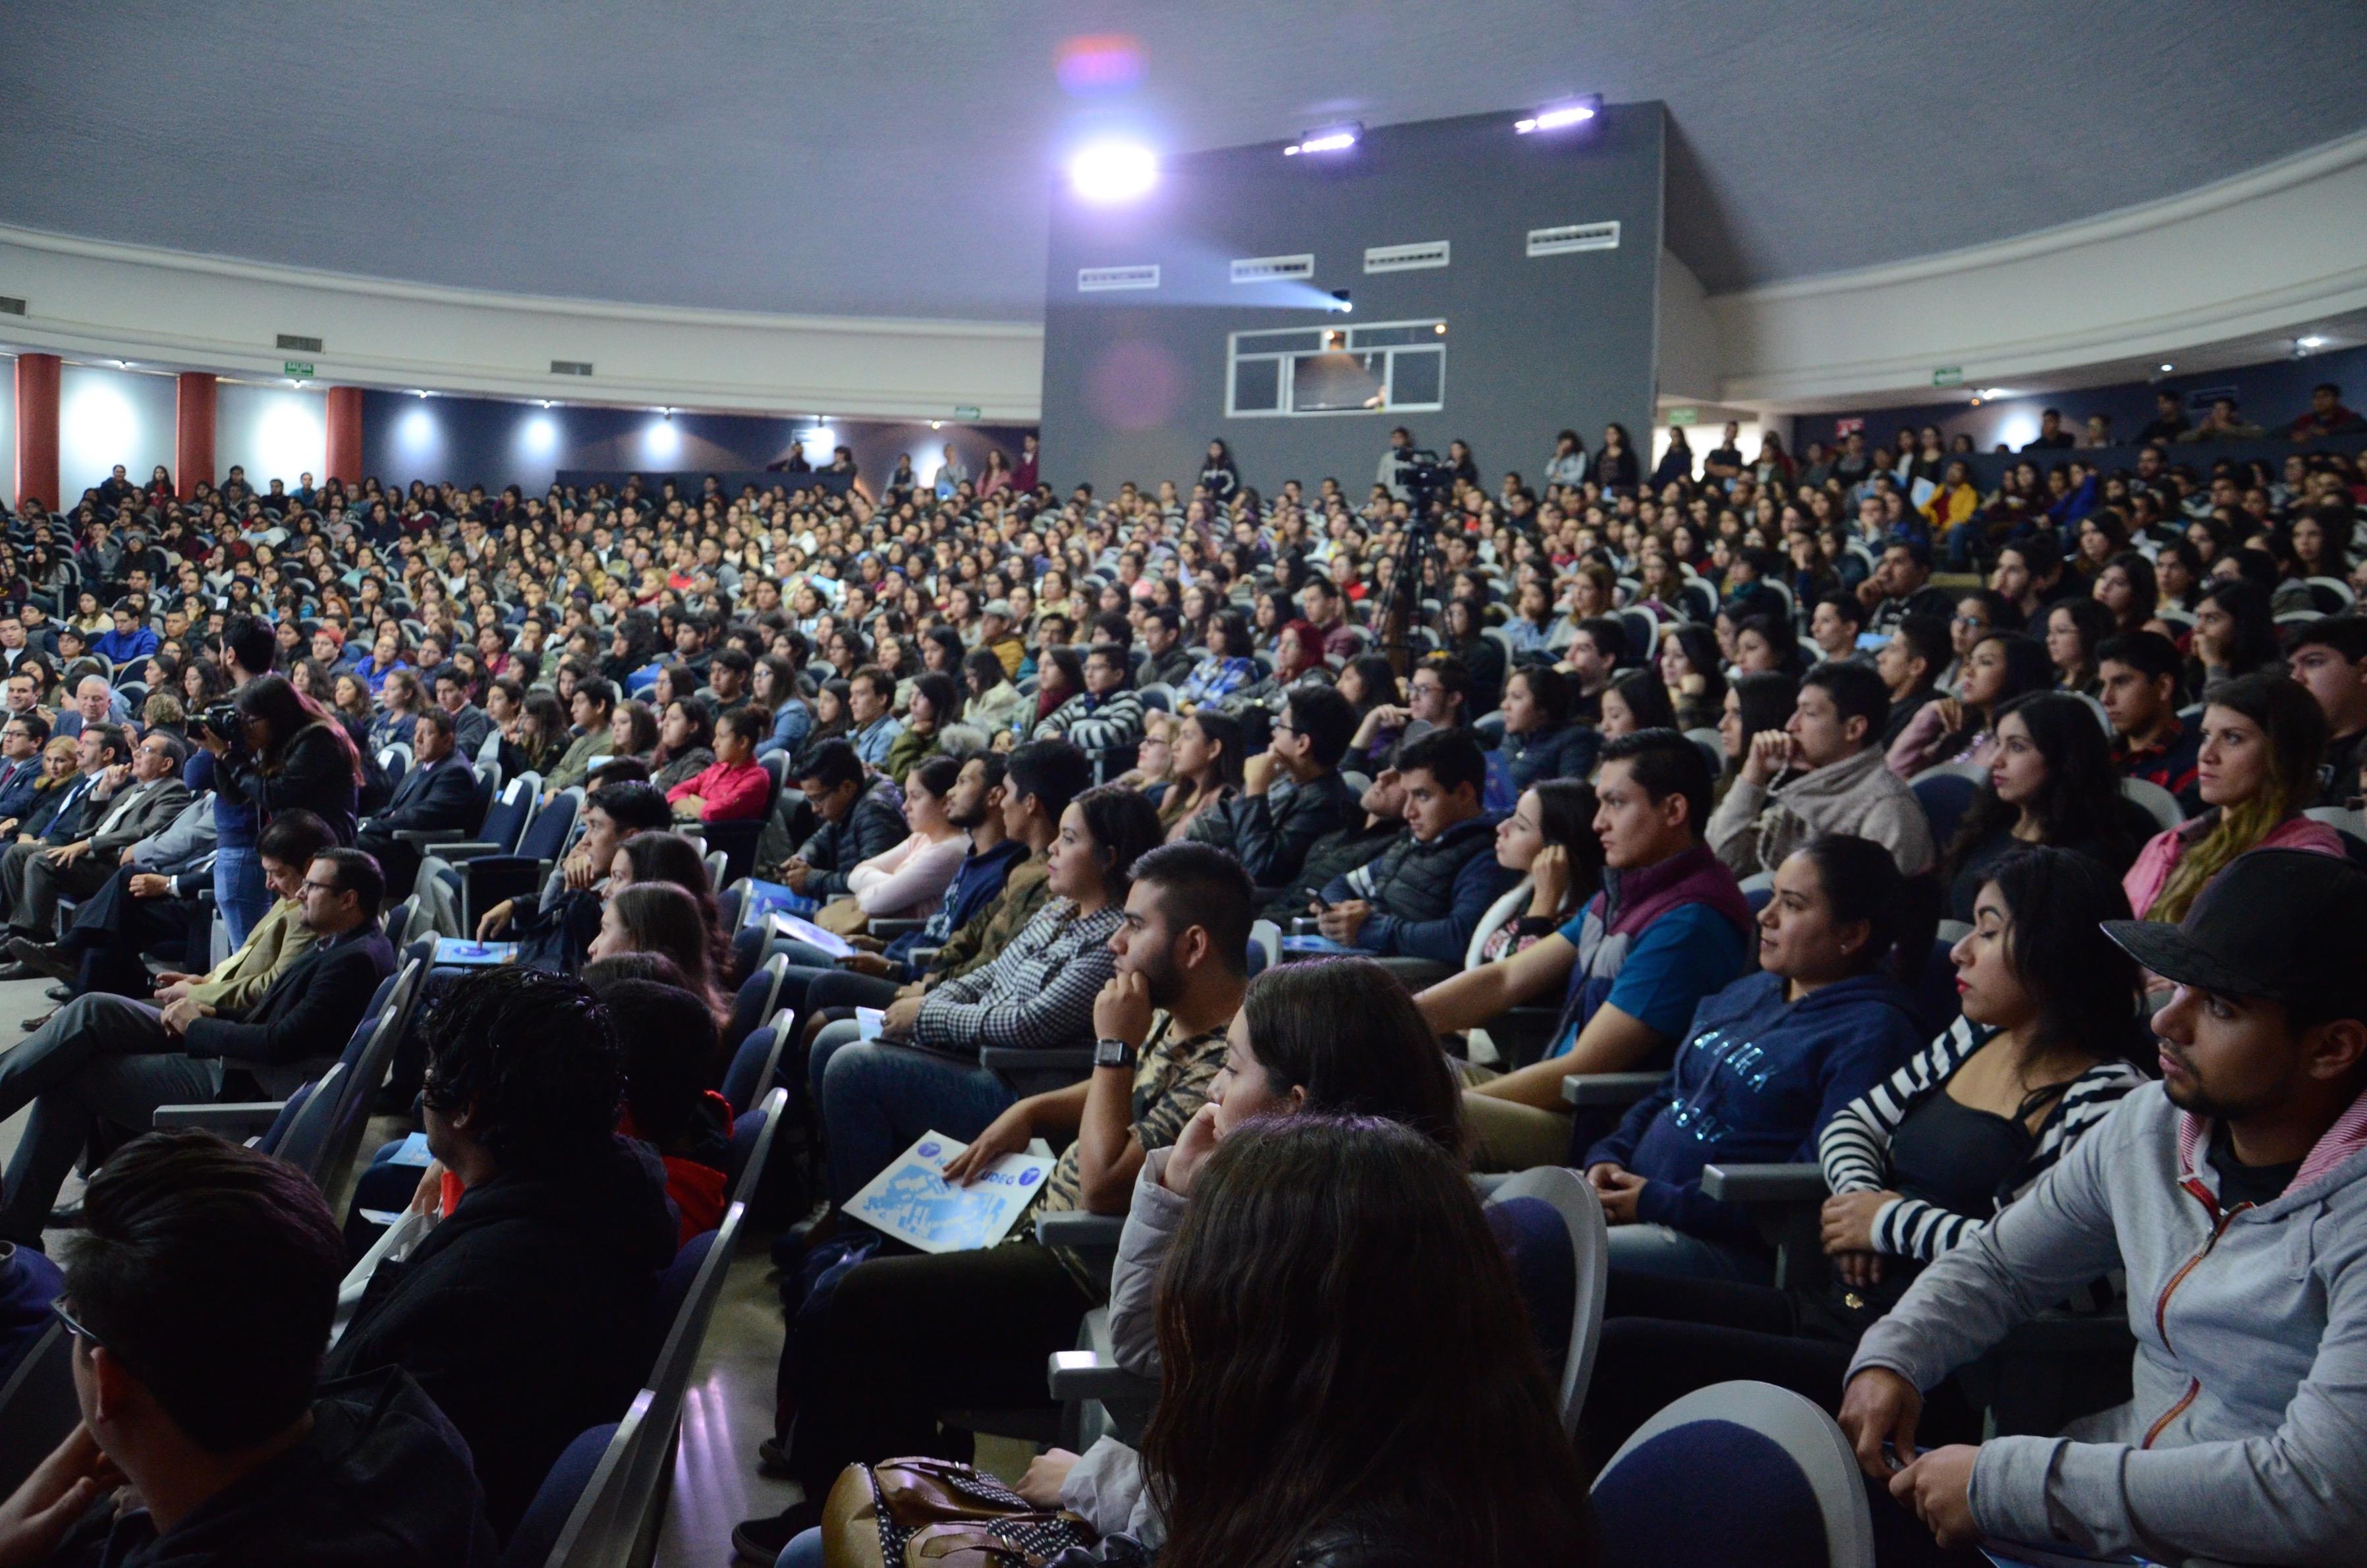 Auditorio lleno de nuevos alumnos